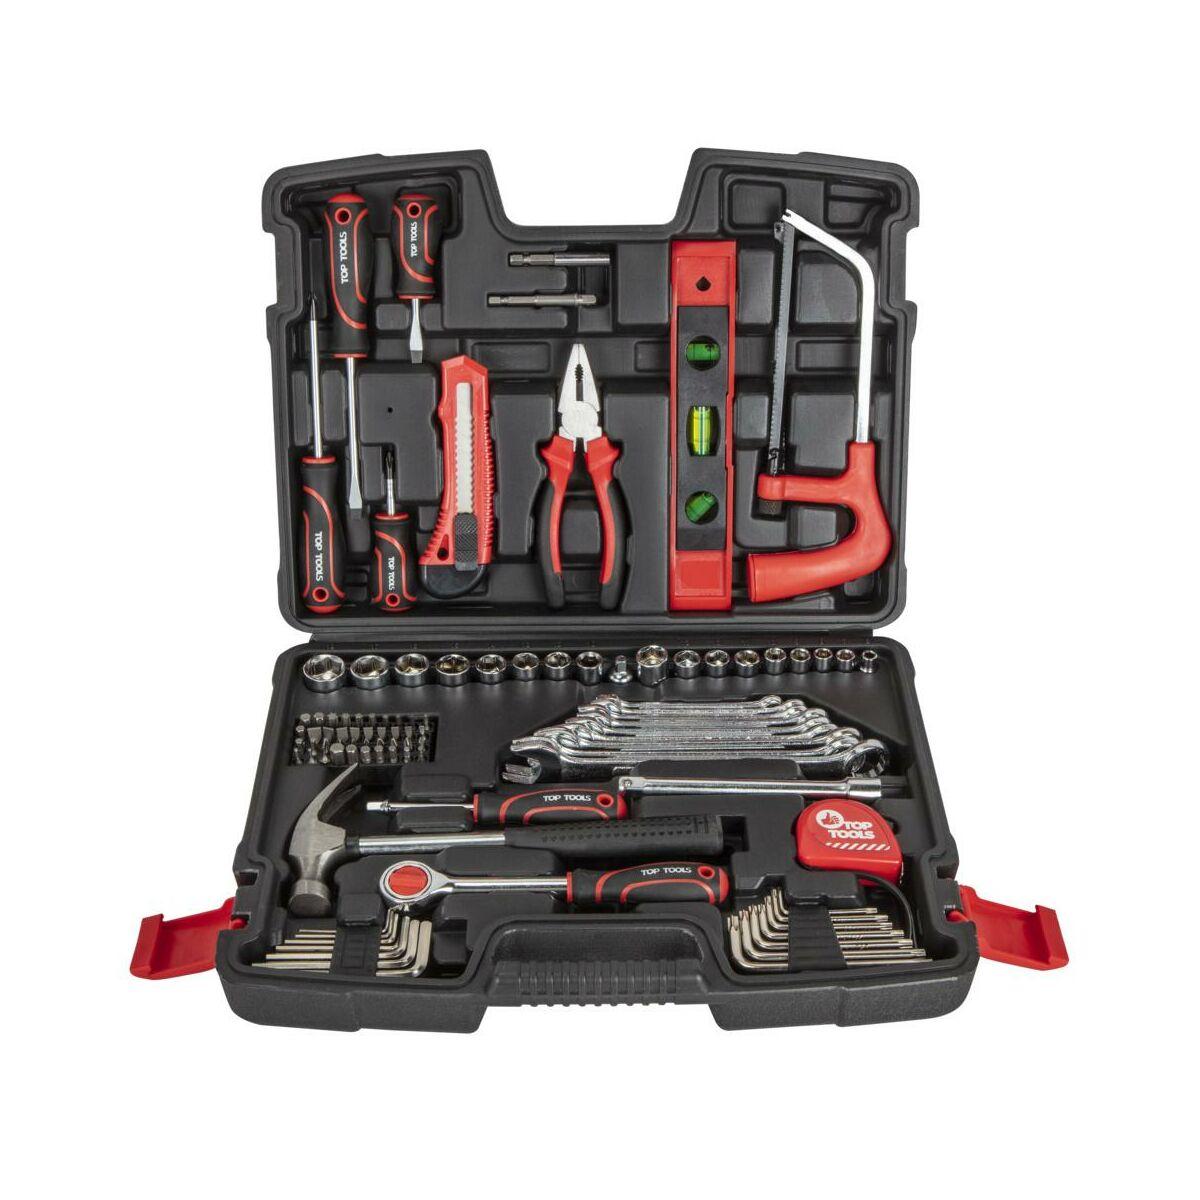 Zestaw Narzedzi 38d535 100 Szt Top Tools Zestawy Narzedzi W Atrakcyjnej Cenie W Sklepach Leroy Merlin